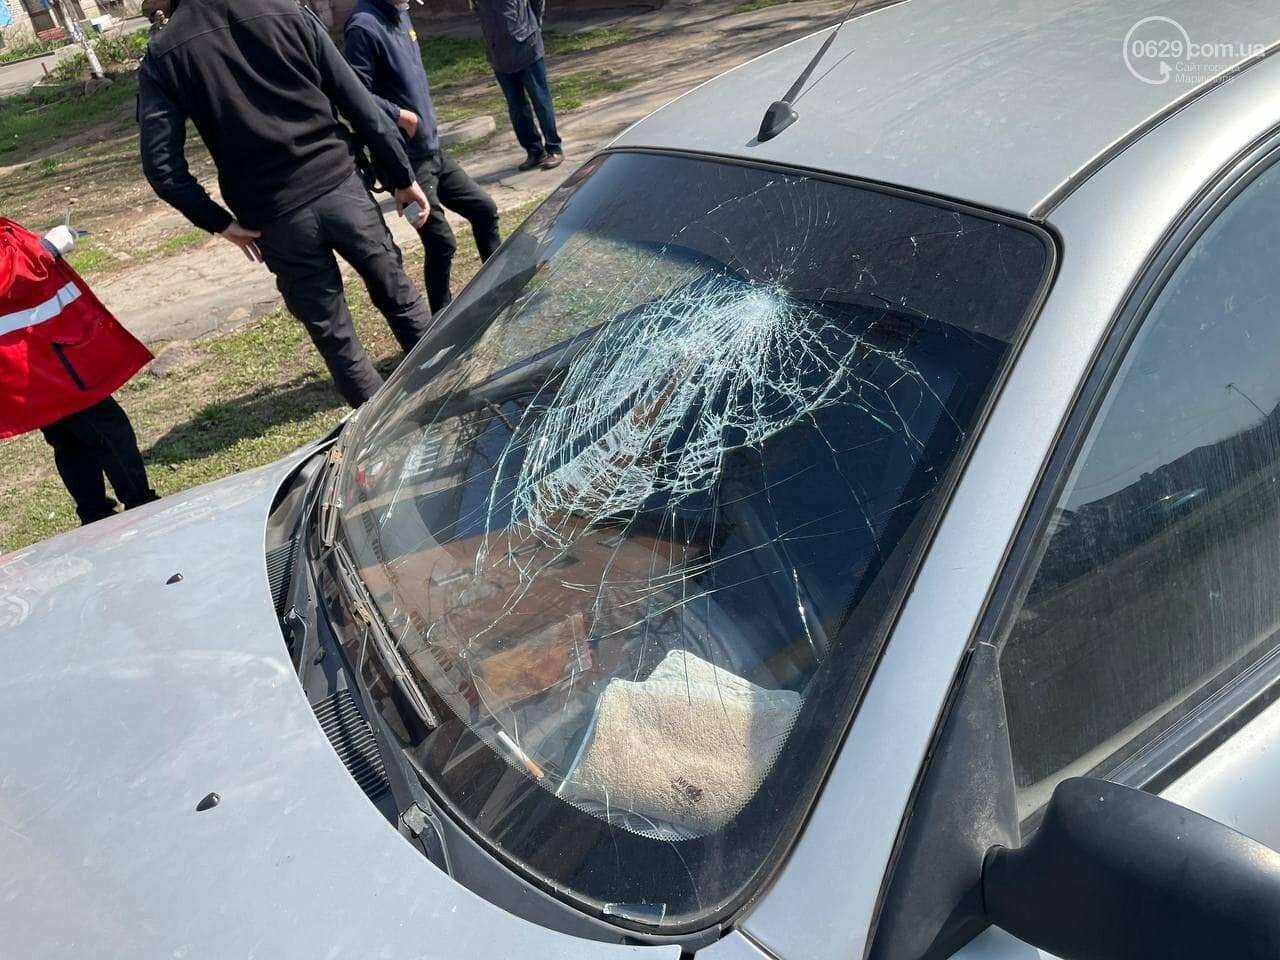 В Мариуполе таксист на Daewoo  влетел в столб, - ФОТО, фото-1